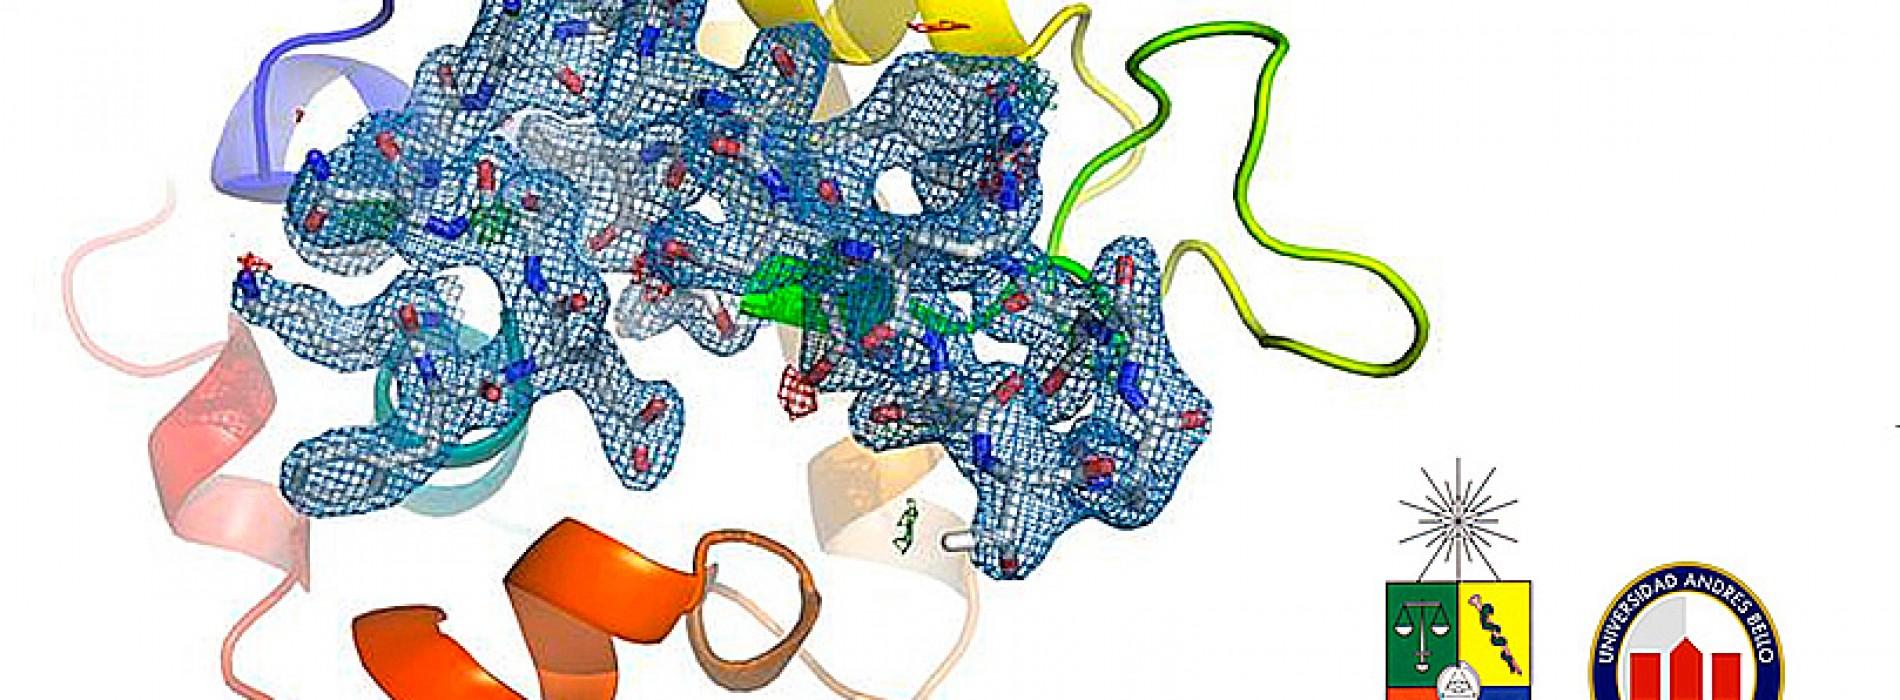 2do Workshop de Cristalización y Cristalografía de Proteínas